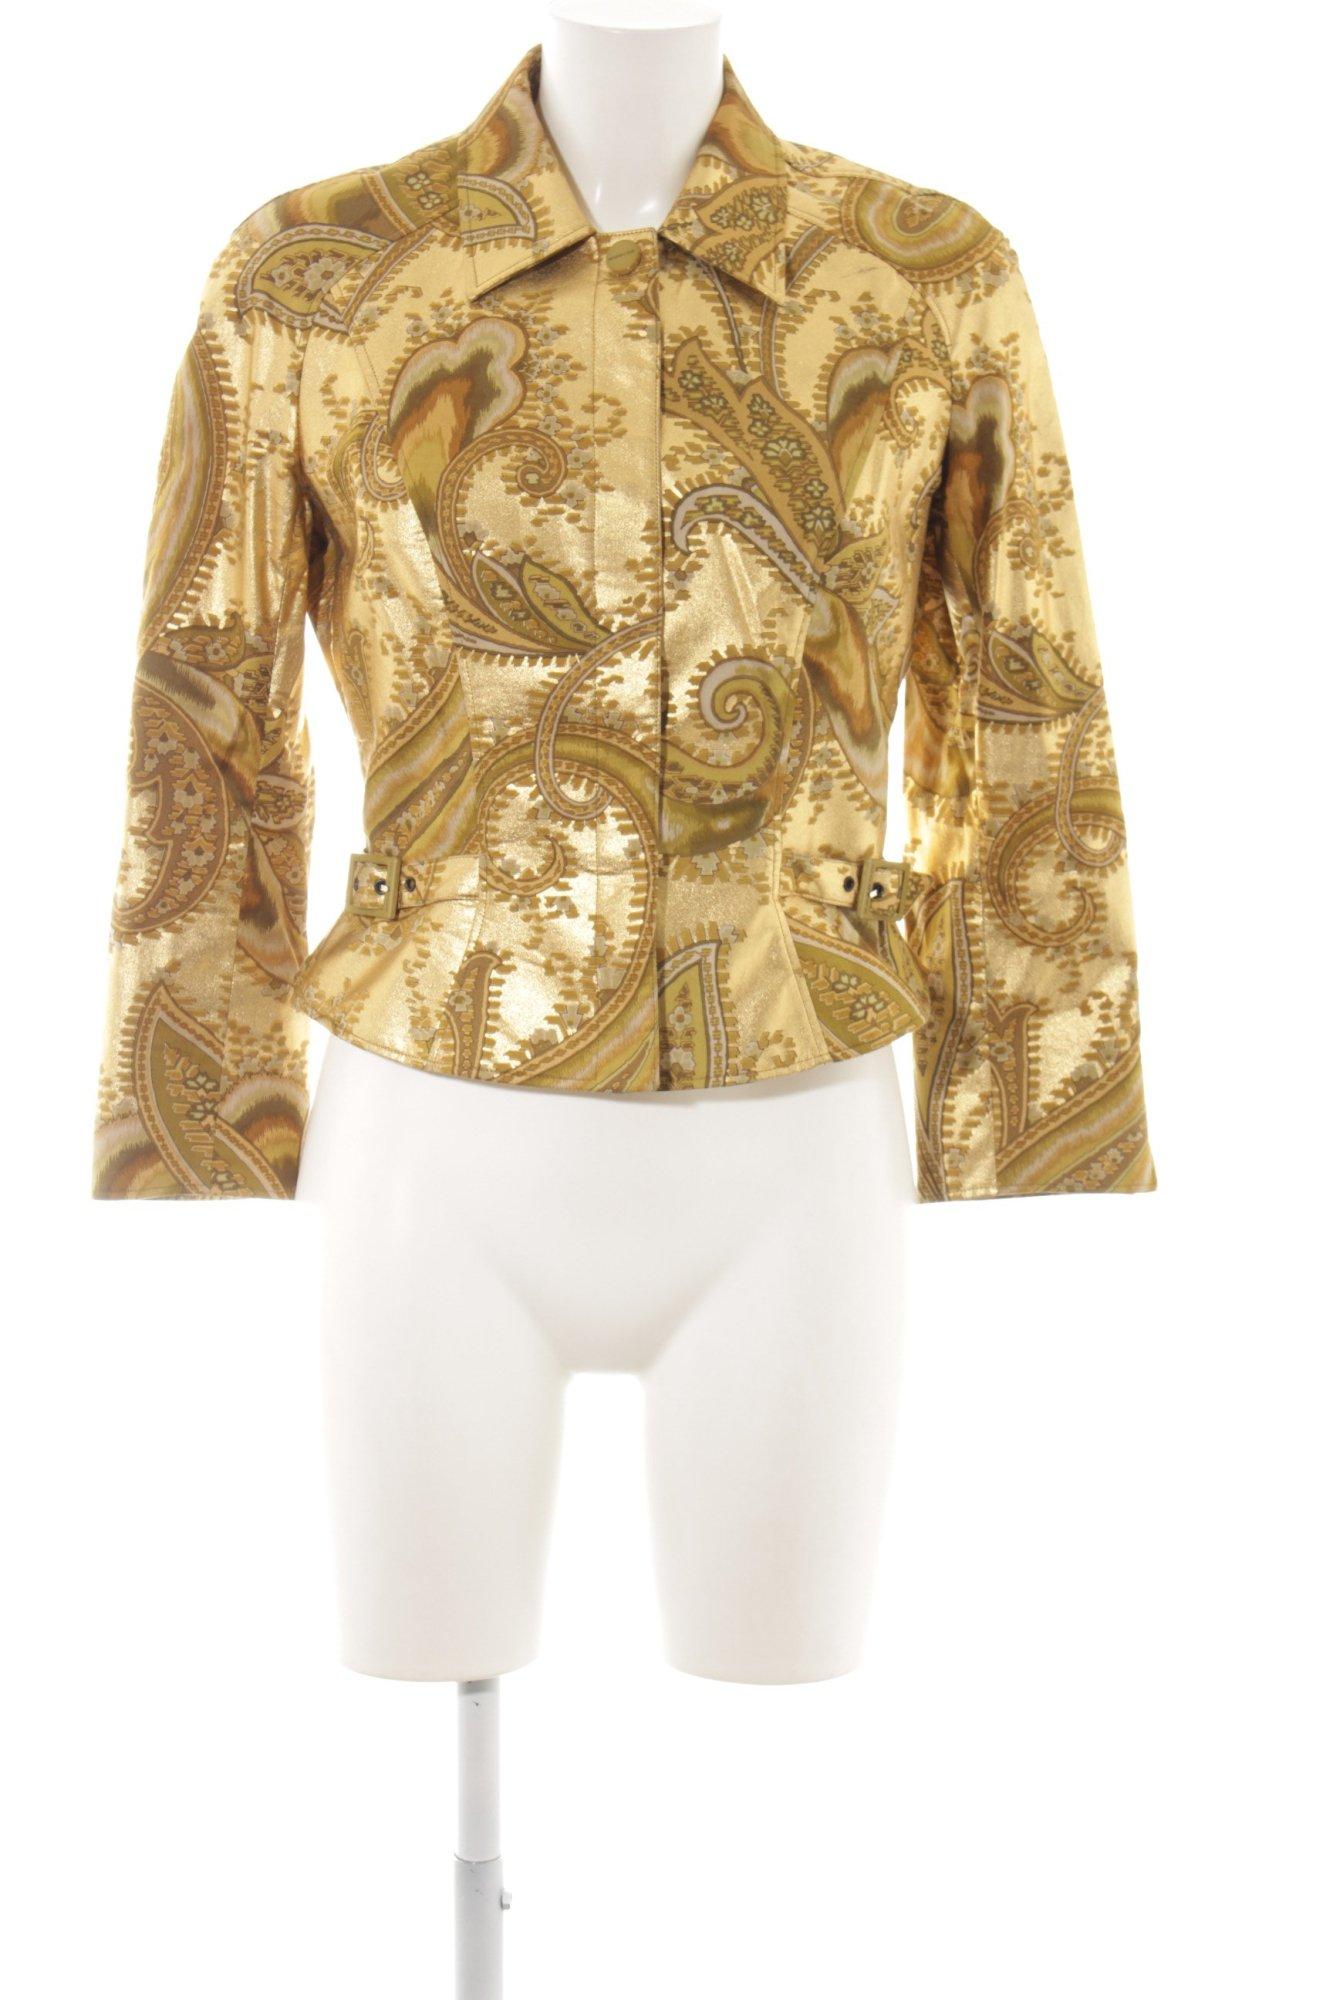 brand new 9e1c8 82257 Dettagli su MUGLER Giacca corta oro motivo astratto stile stravagante Donna  Taglia IT 44